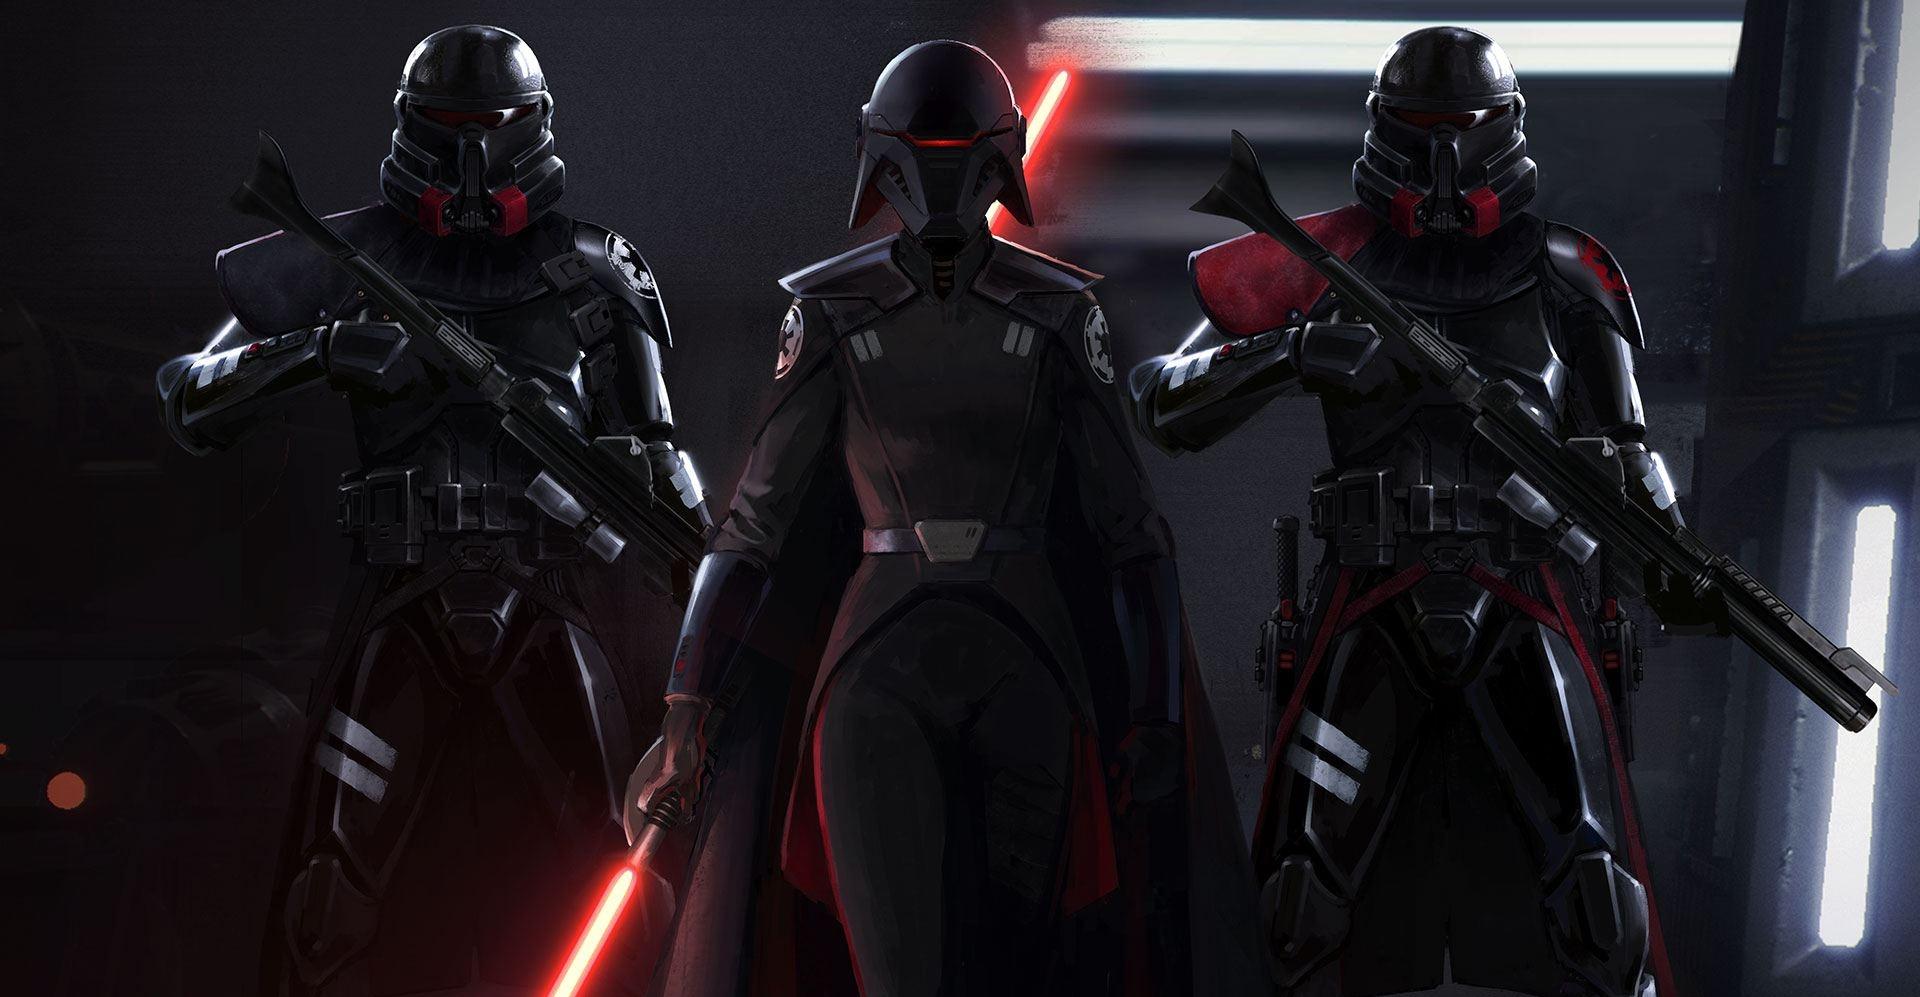 Утечка: мировая премьера геймплея Star Wars Jedi: Fallen Order состоится9 июня